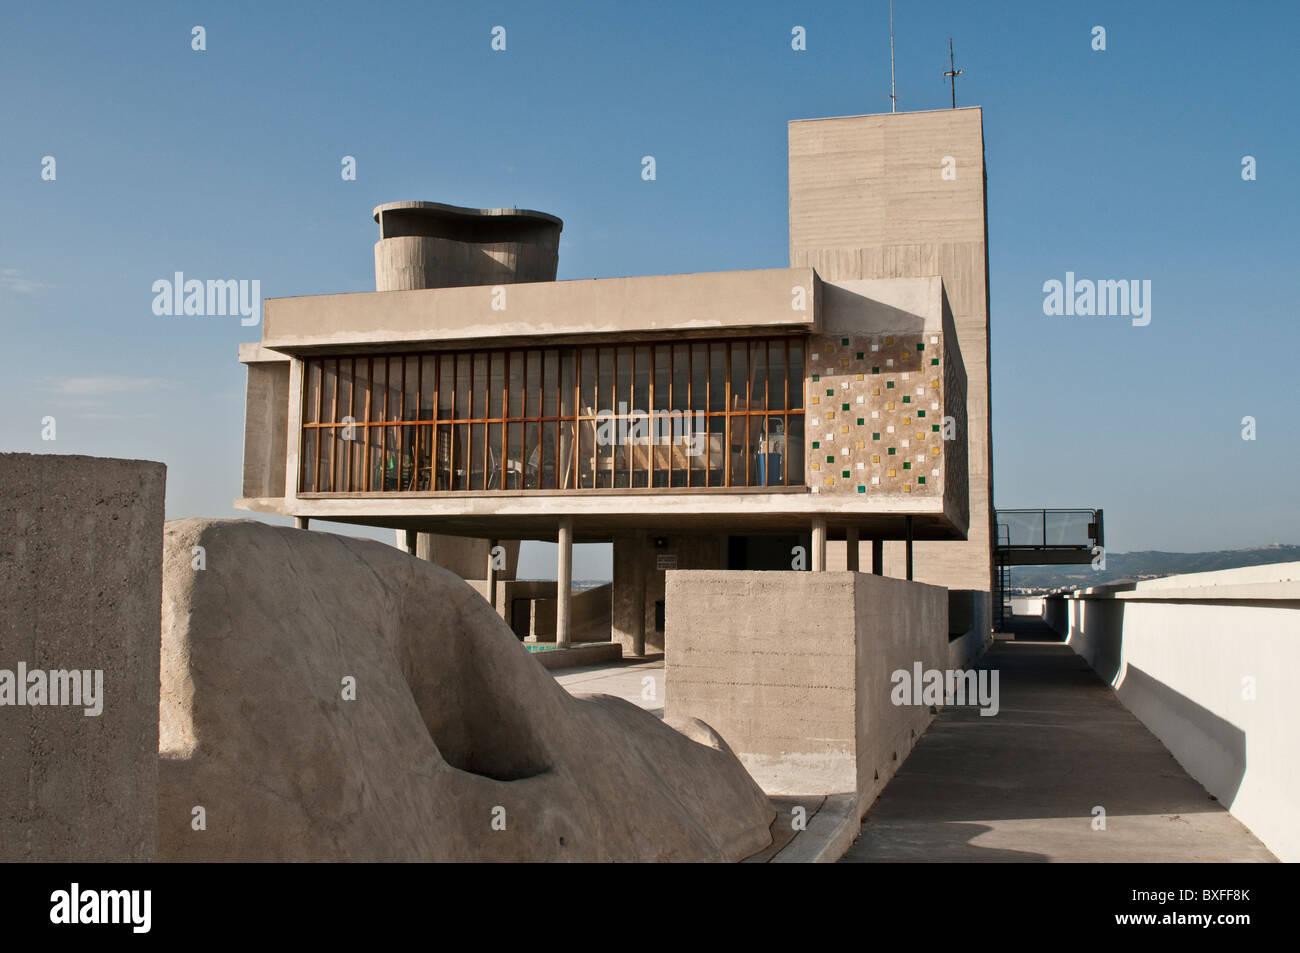 Le Corbusier Unite D Habitation roof terrace, unite d'habitation by le corbusier, marseille